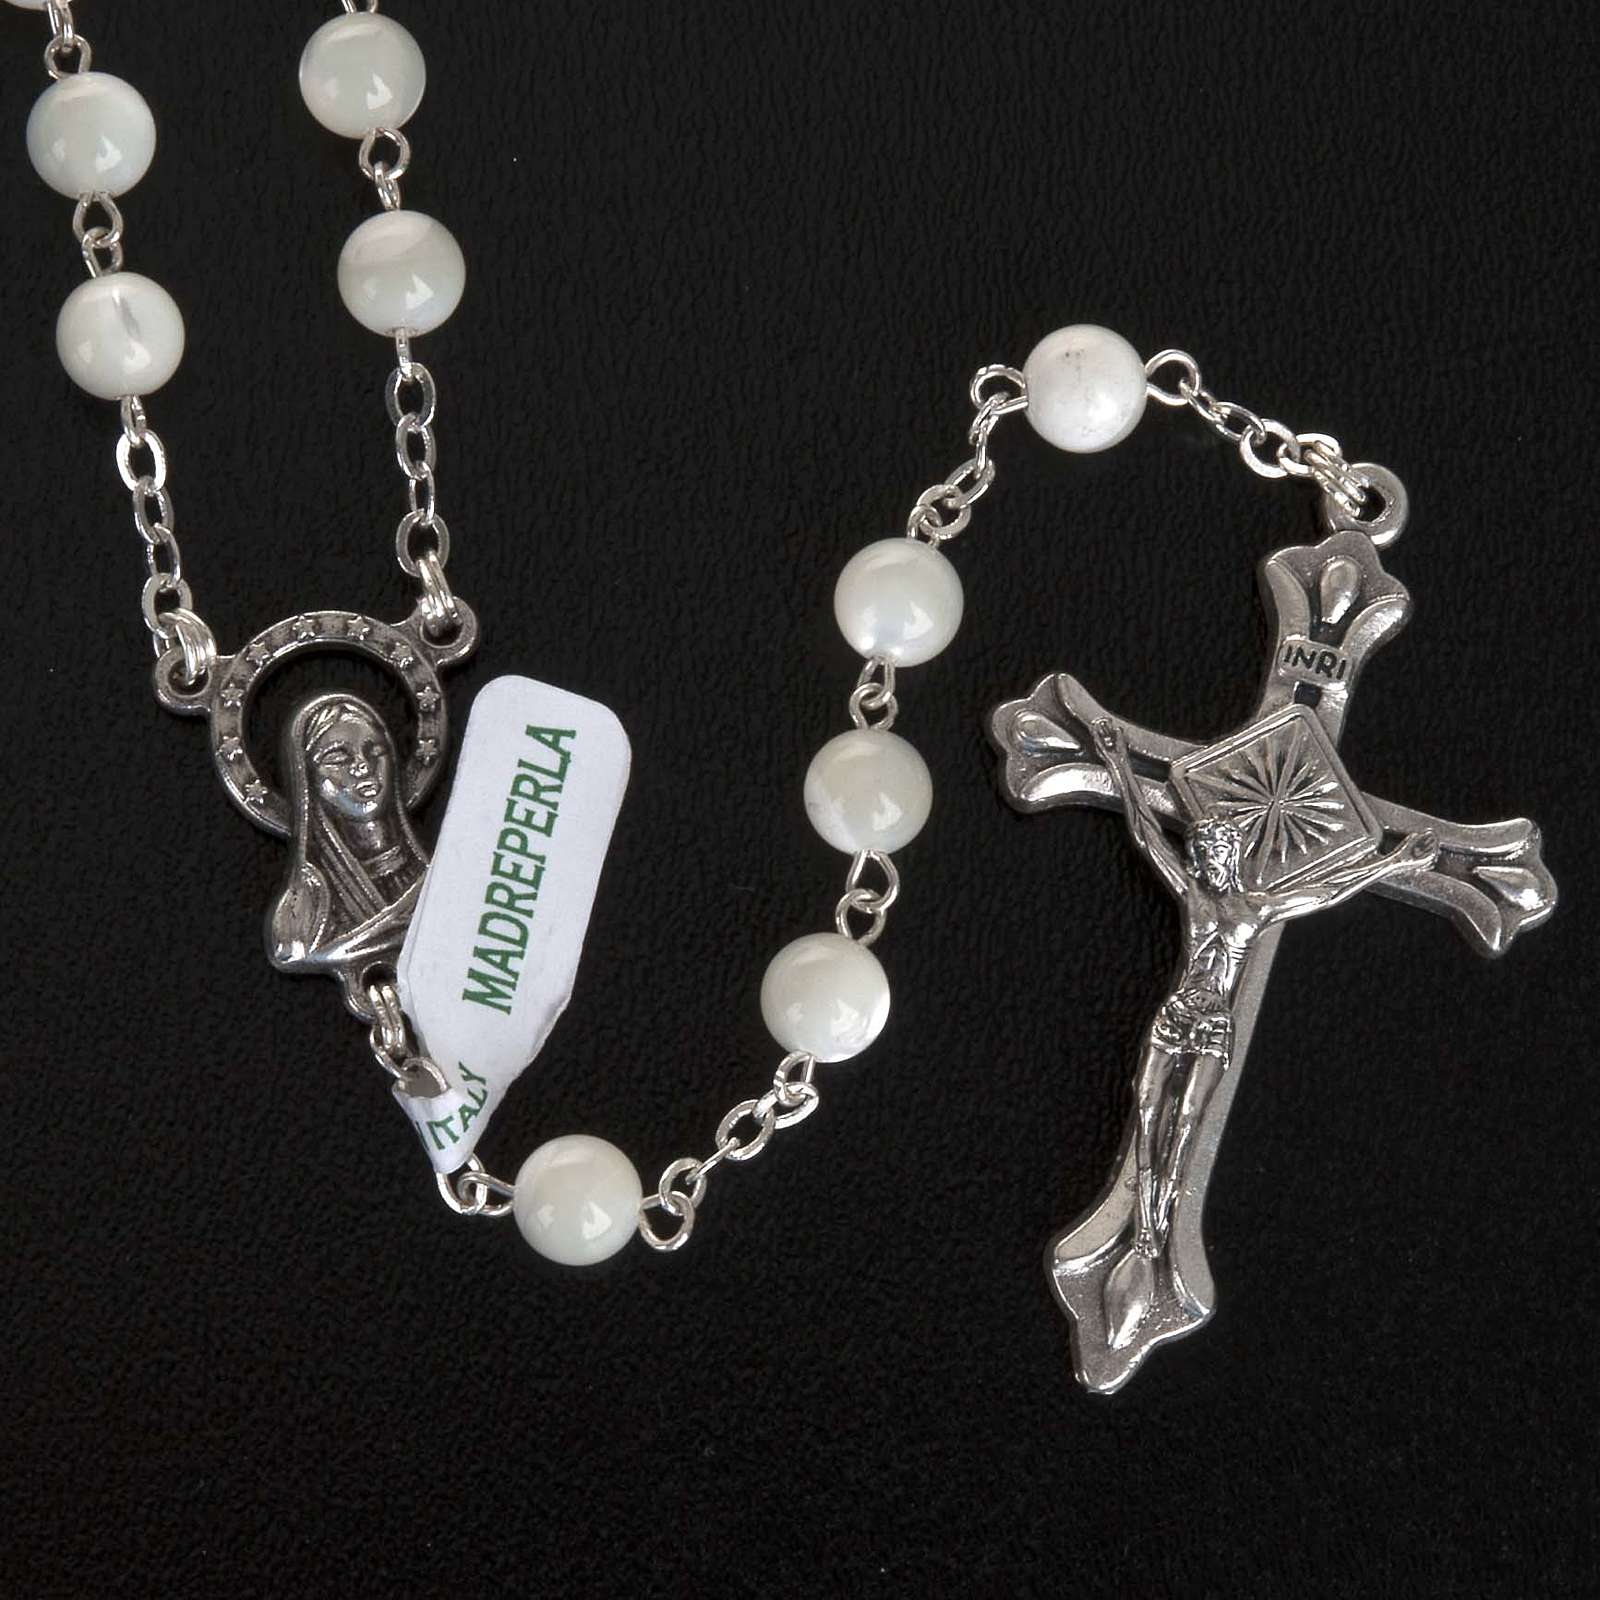 Chapelet nacre véritable médaille Notre Dame 6mm 4